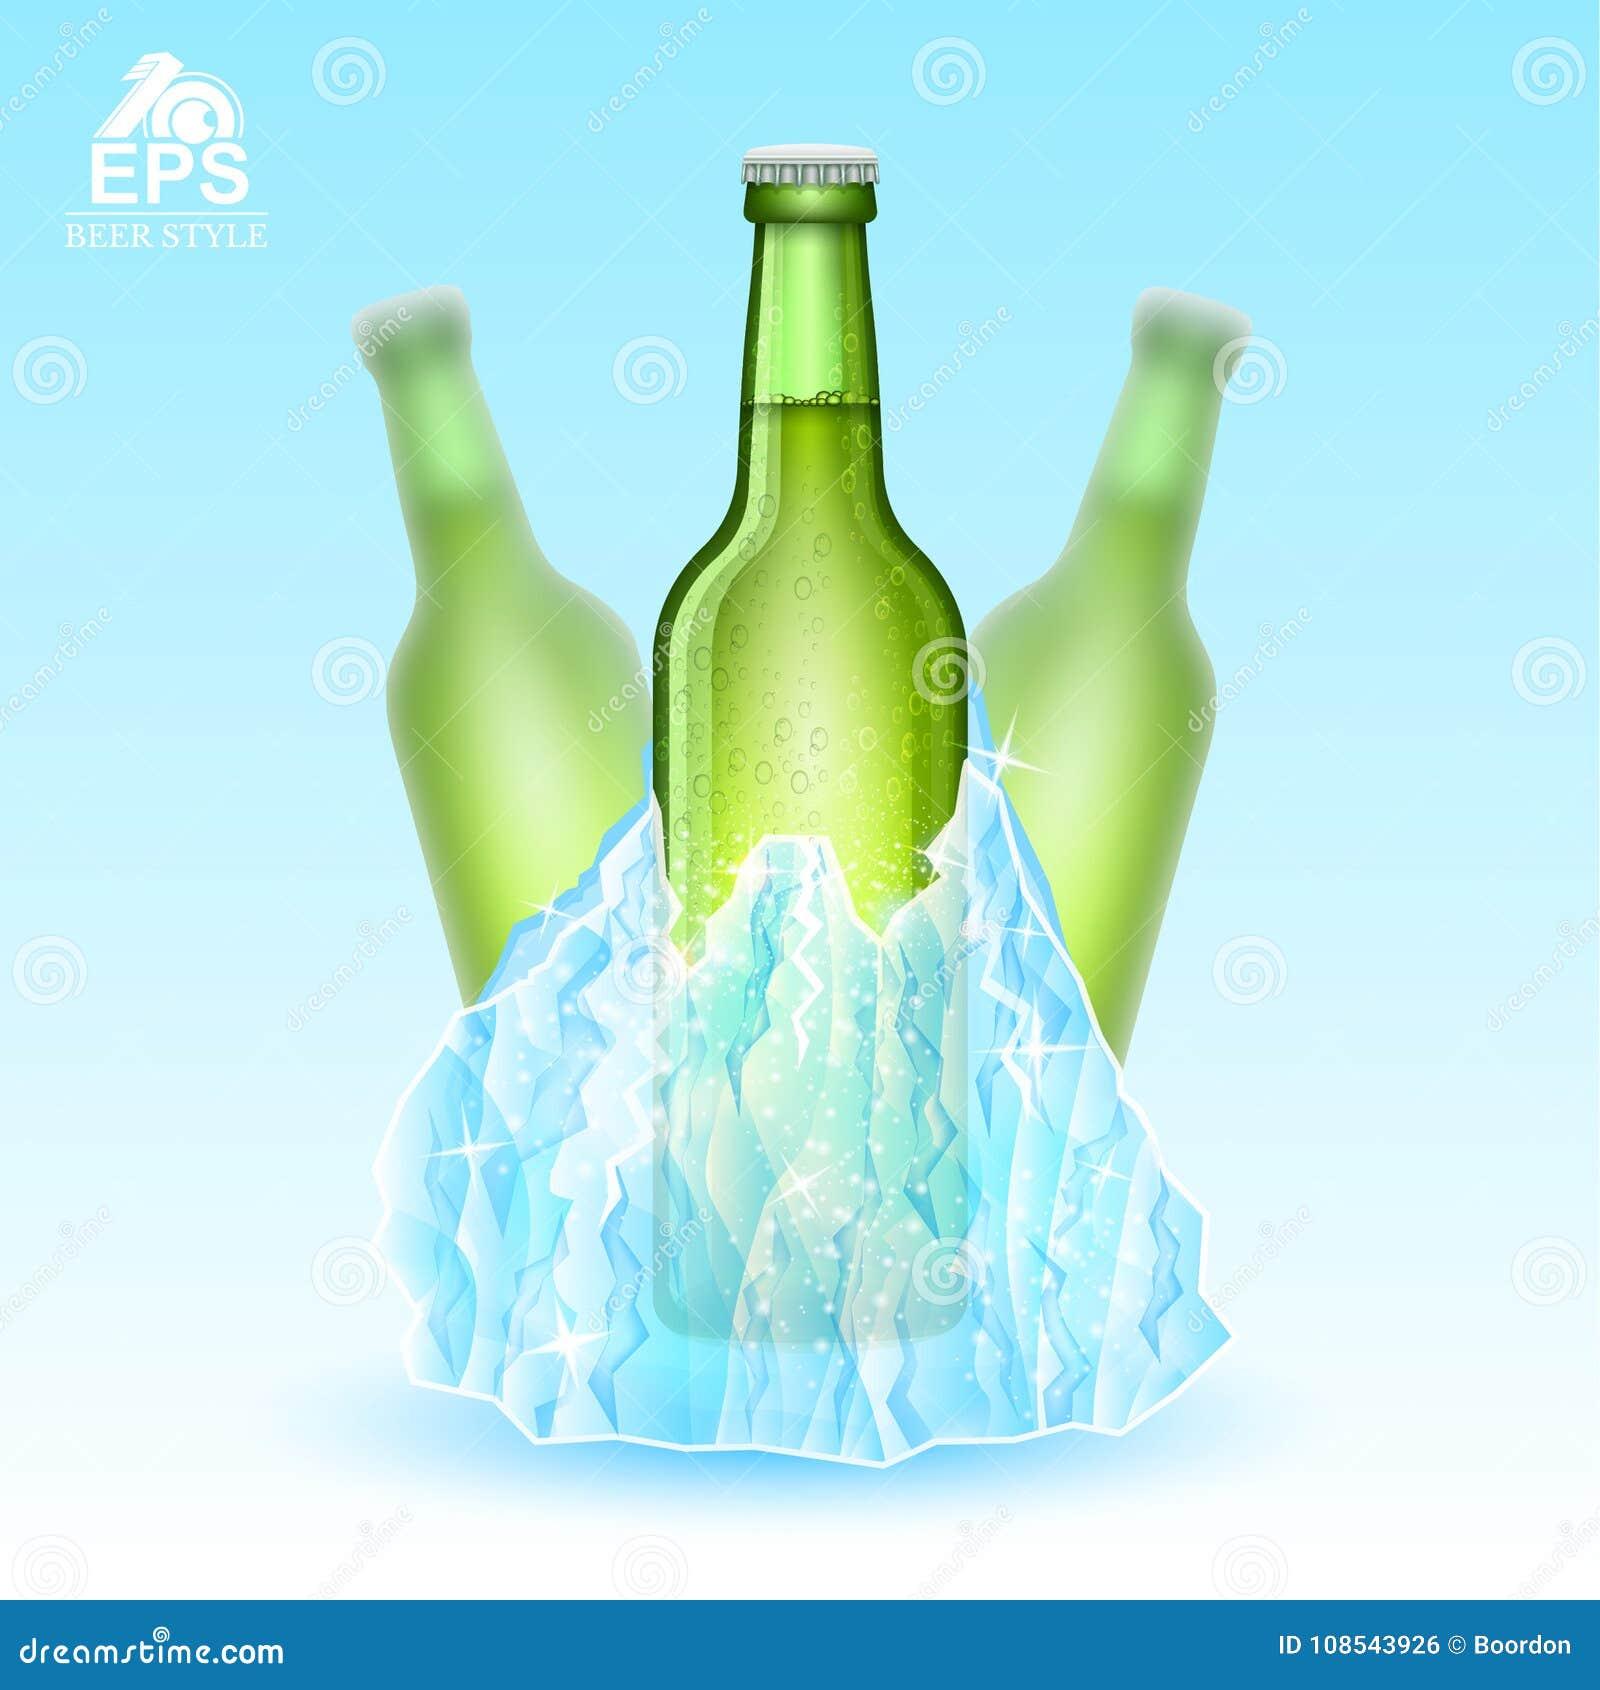 Realistische onechte omhoog groene fles drie bier be*vriezen-in ijsberg op blauwe achtergrond